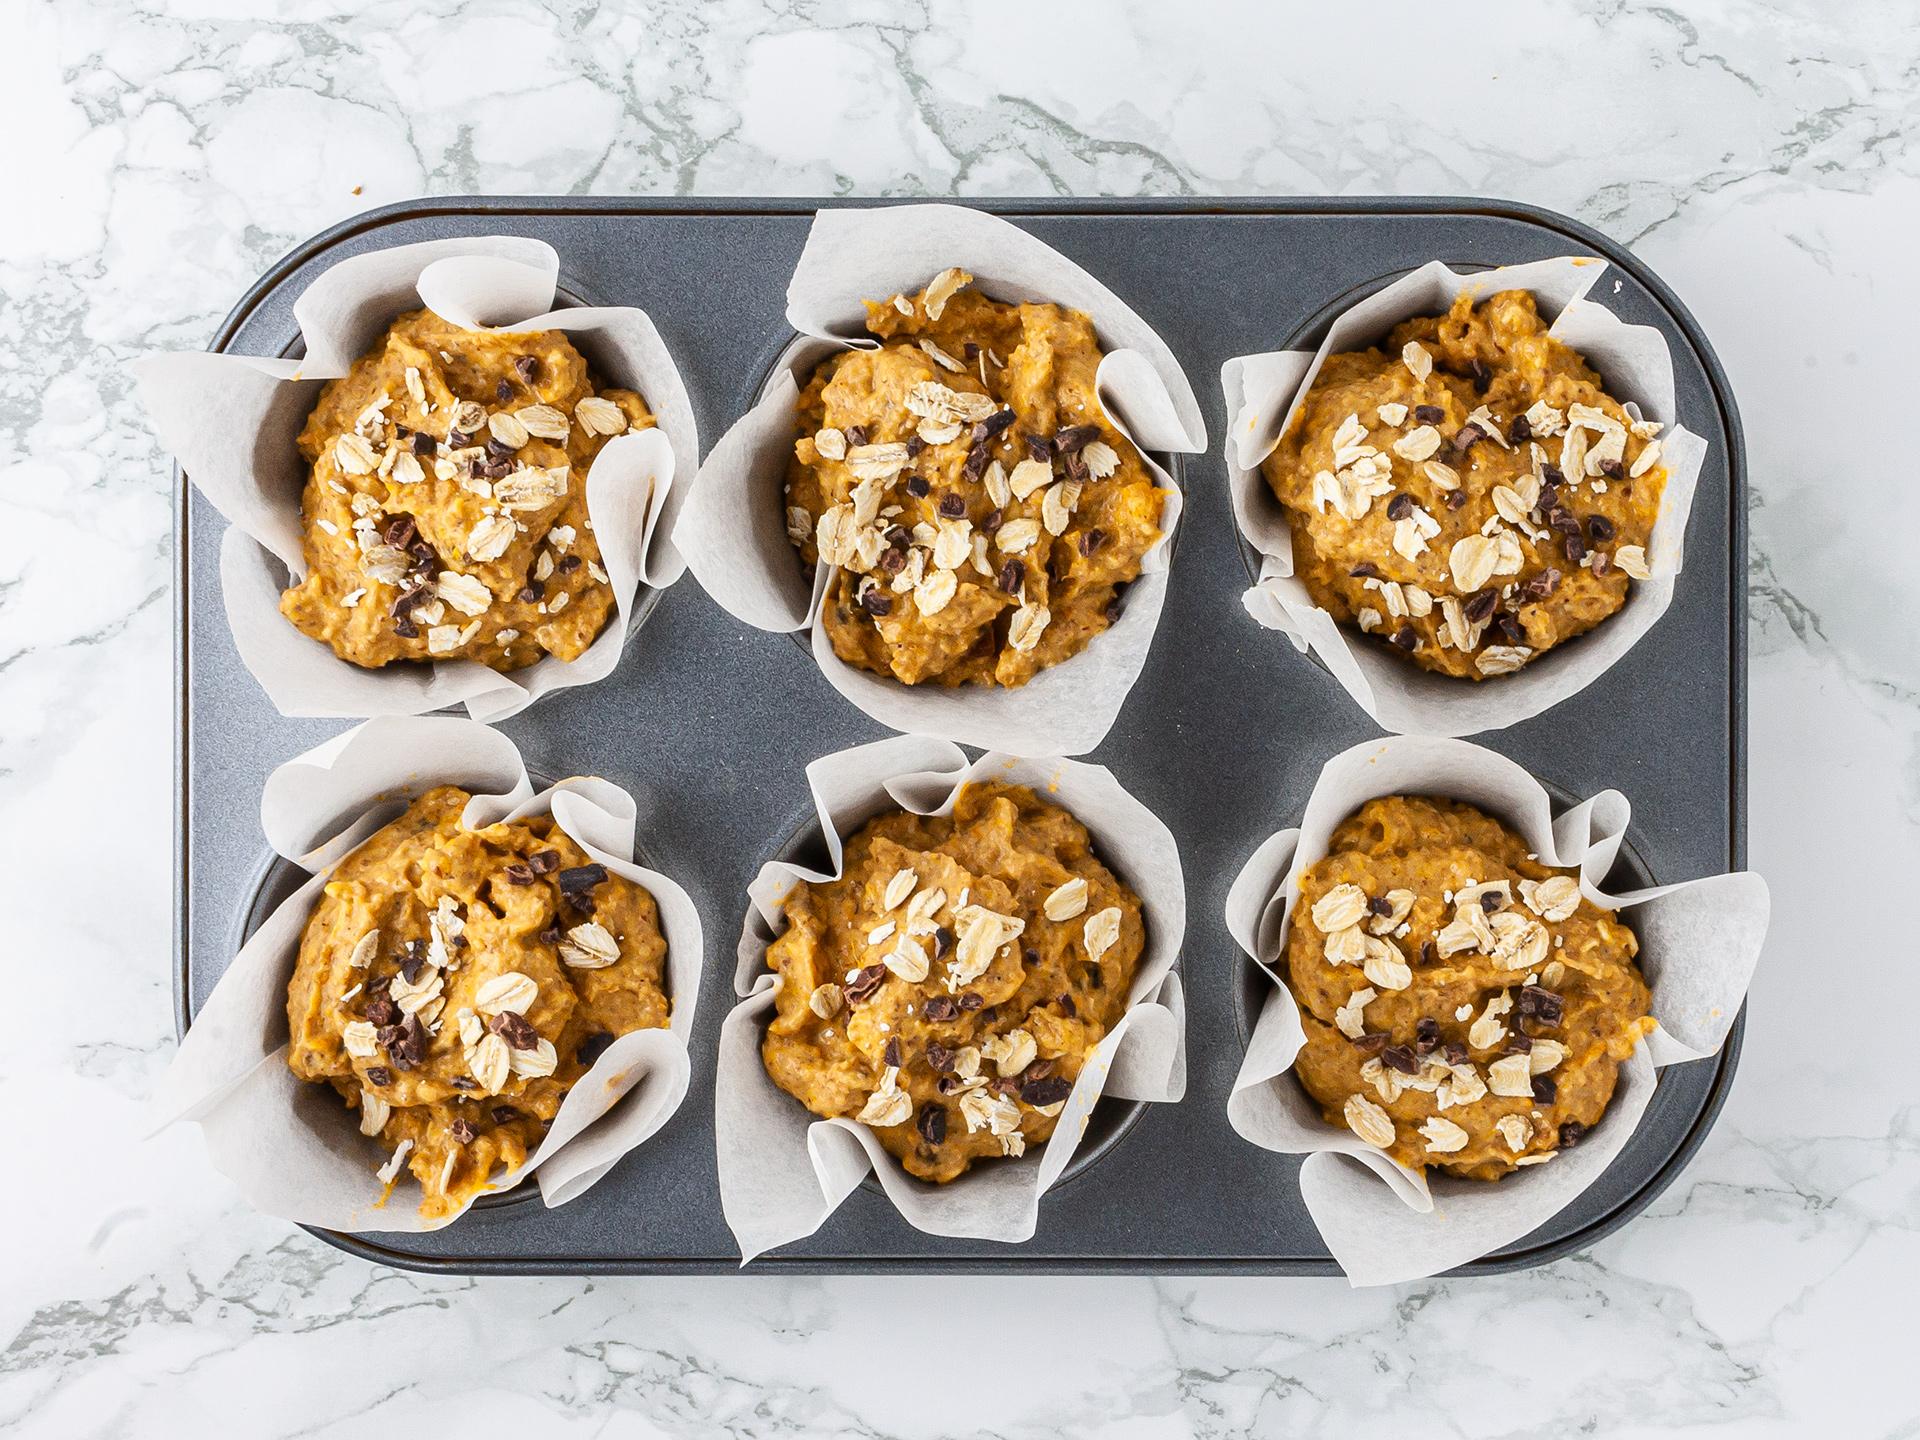 Step 3.1 of Low Fat Pumpkin Muffins Recipe